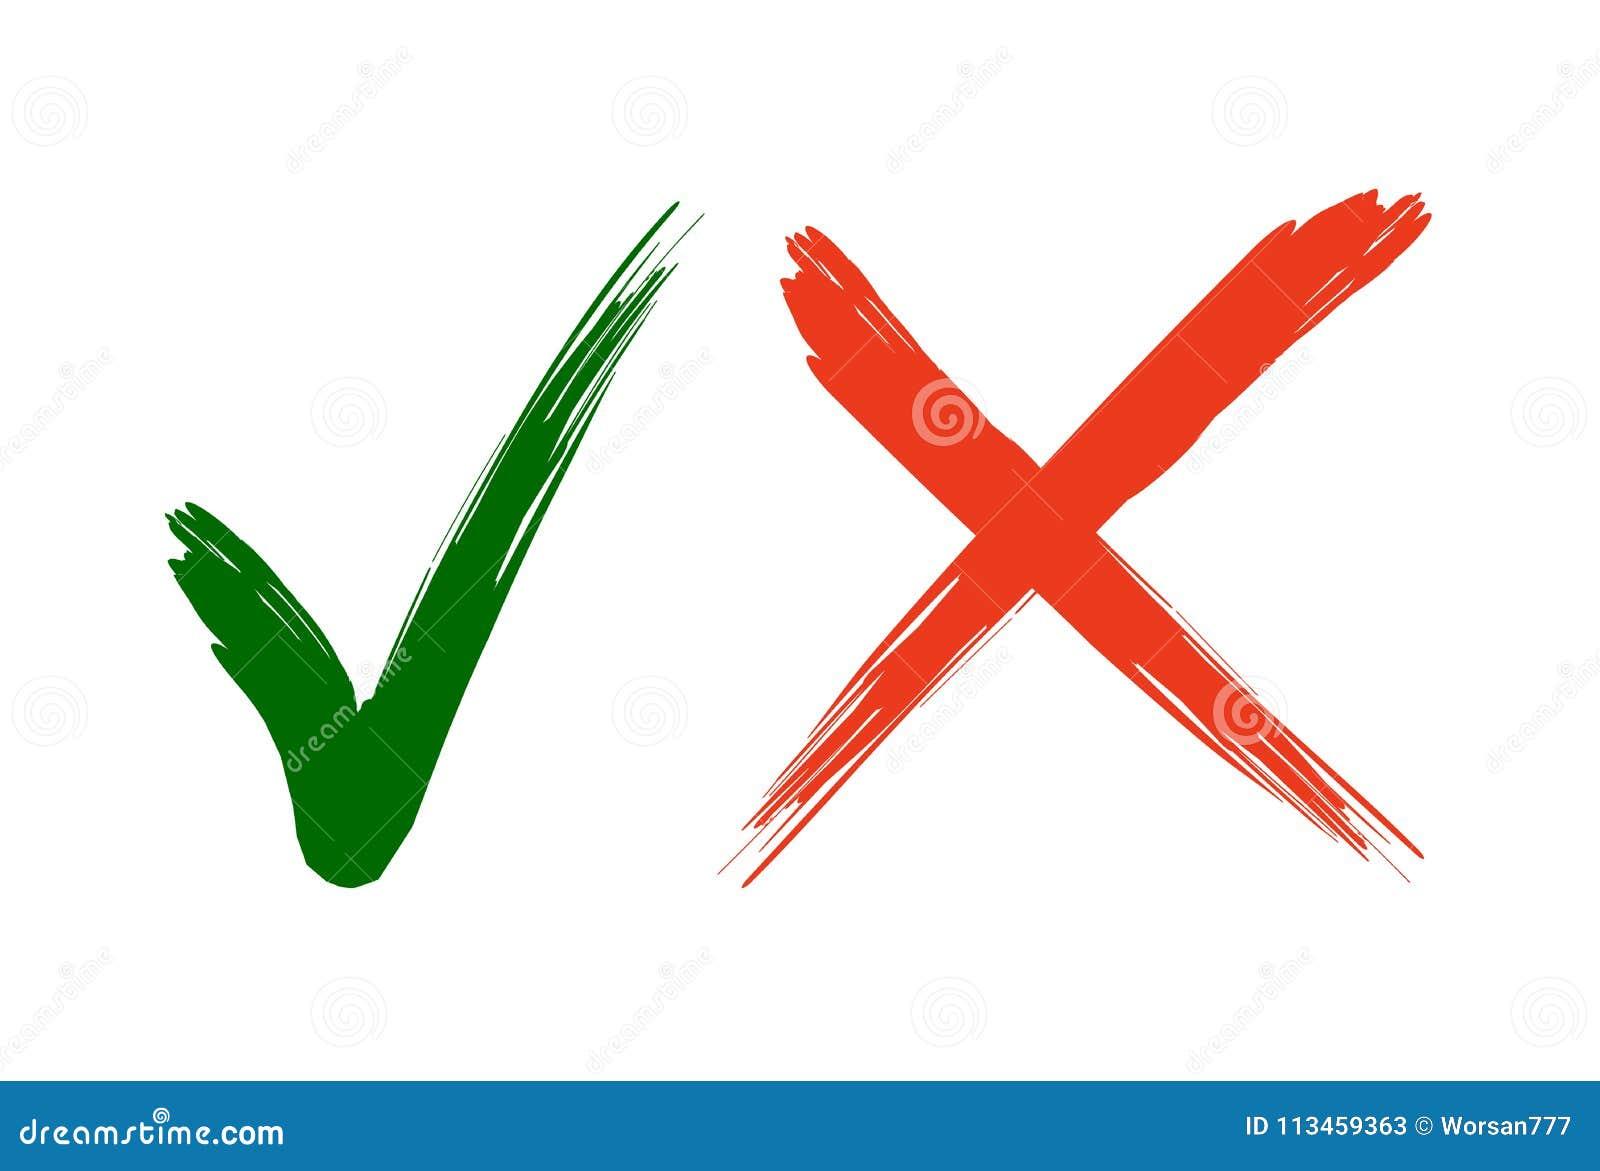 Iconos de la marca de verificación Marcas de cotejo de la señal verde y de la Cruz Roja en dos variantes